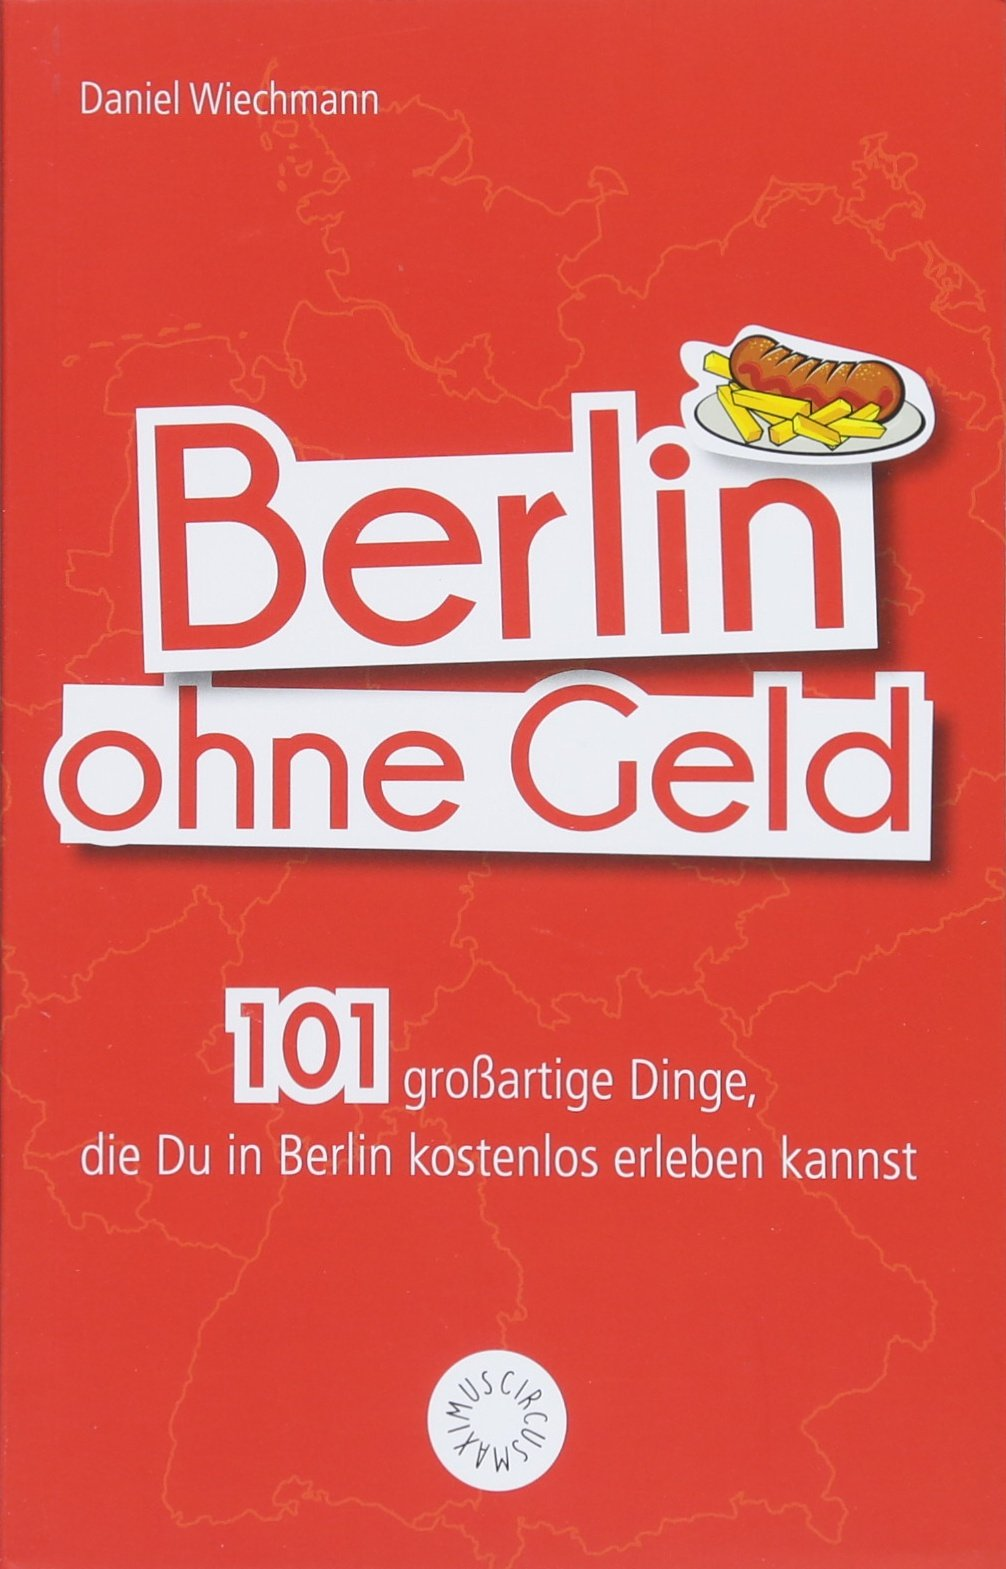 Berlin ohne Geld: 101 großartige Dinge, die Du in Berlin kostenlos erleben kannst